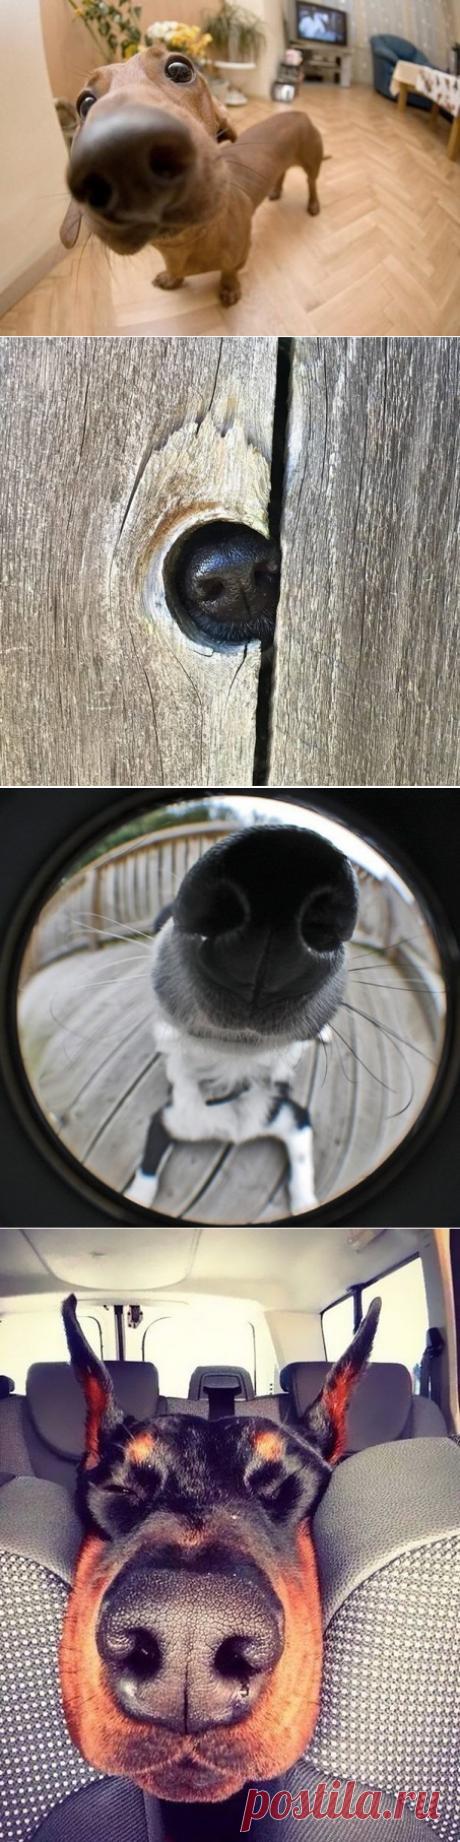 Очень любопытные собаки